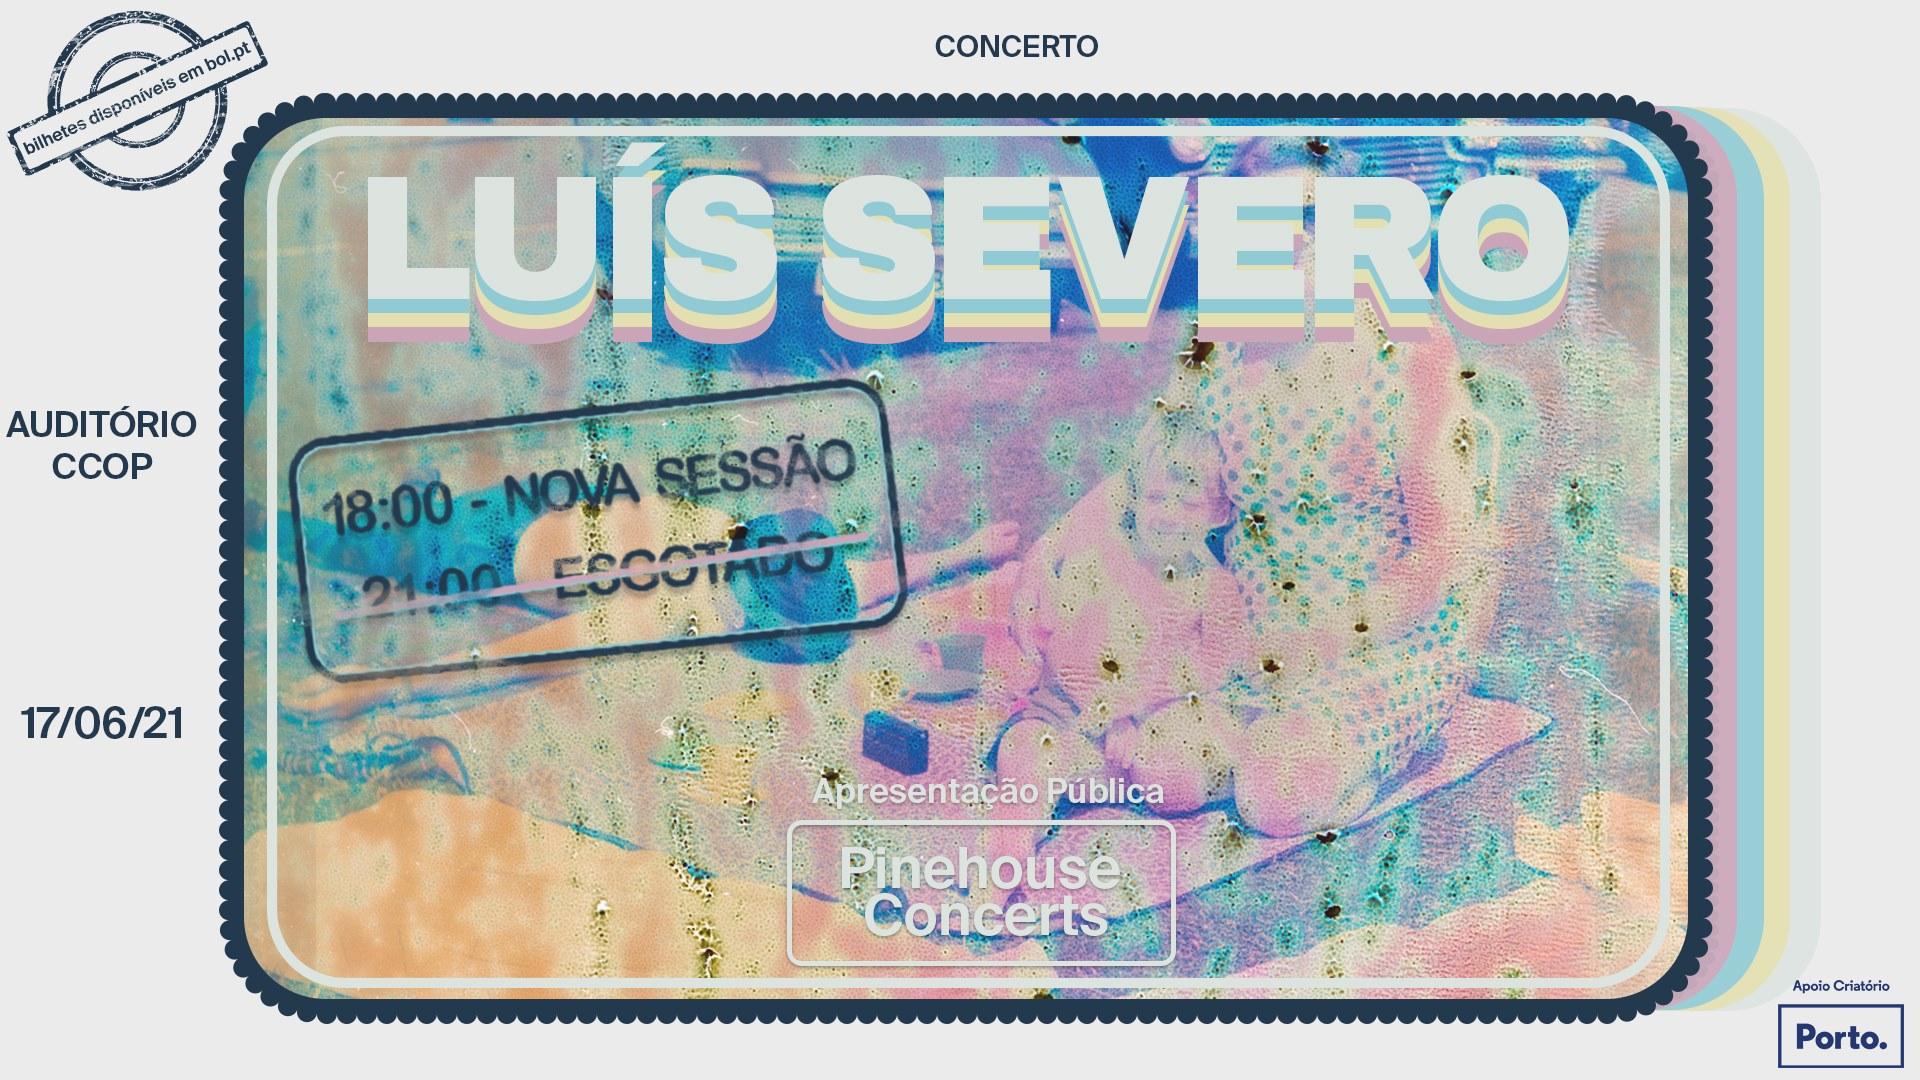 Pinehouse Concerts Live - LUÍS SEVERO